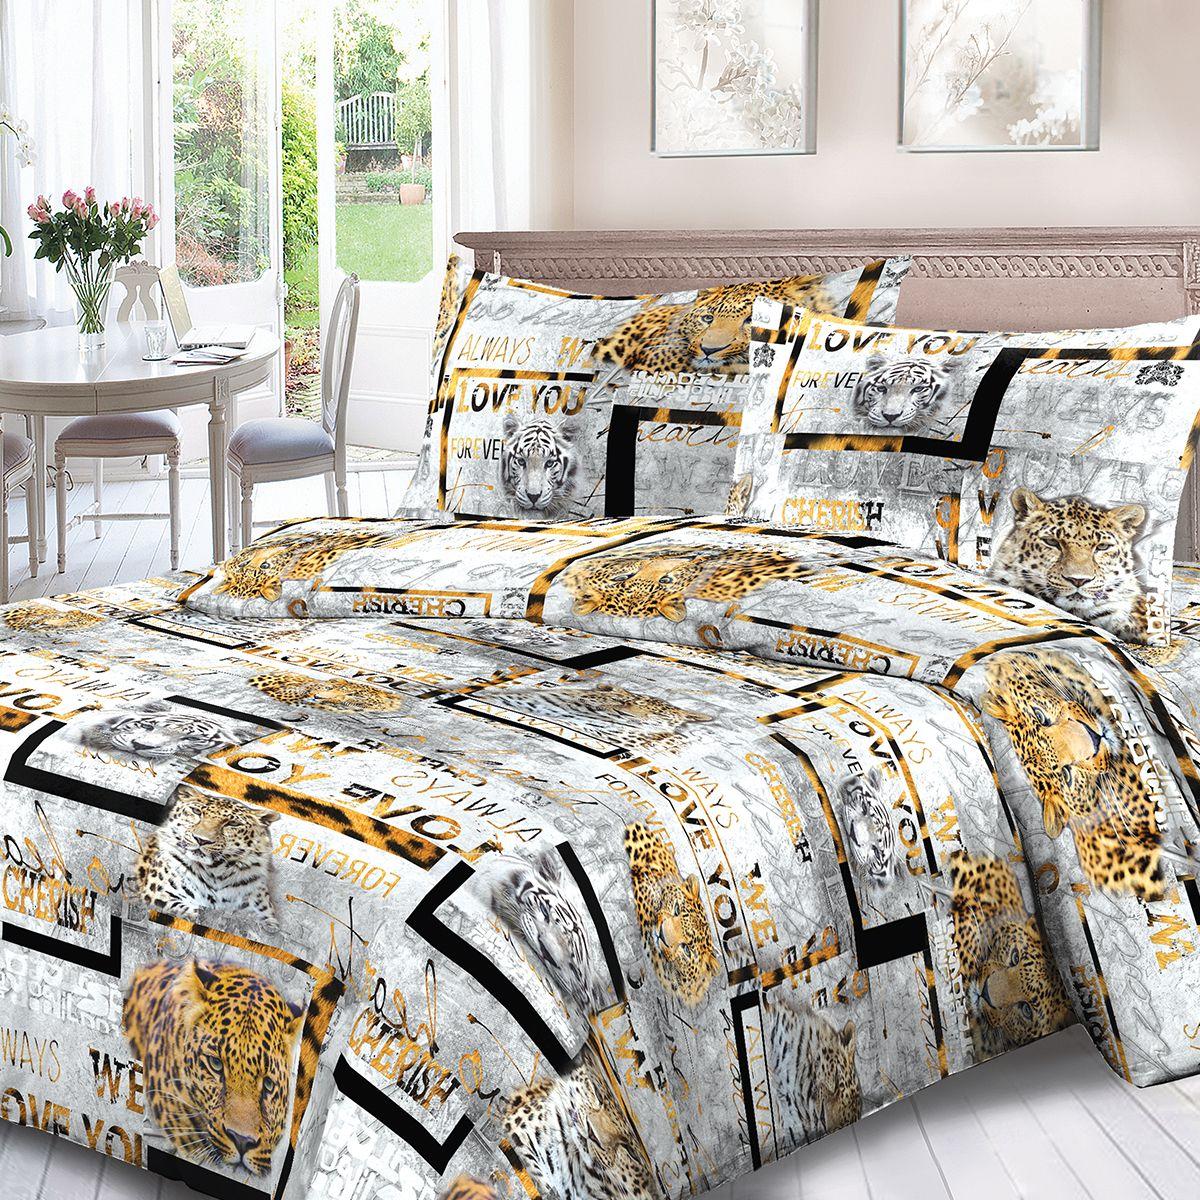 Комплект белья Для Снов Амурский тигр, 2-спальное, наволочки 70x70, цвет: серый86458Постельное белье из высококачественного поплина ( Ткань Традиция) , в составе которого находится только 100% мерсеризованный хлопок - это идеальный выбор современной женщины. Мерсеризация подчеркивает лучшие свойства хлопка: - Ткань прочнее обычной, при этом мягкая и шелковистая; - Цвета яркие и устойчивые; - Высокая гигроскопичность; - Меньше мнется, не линяет и не садится при многократных стирках; При производстве используются только безопасные красители ведущего швейцарского производителя BEZEMA Коллекция отличается тщательно проработанными современными дизайнами, разделенными на тематические группы. Созданные талантливыми европейскими и российскими художниками, они поражают своей нежной красотой, а восхитительная упаковка придает комплекту подарочный вид. Плотность ткани: 110 г/м.кв.